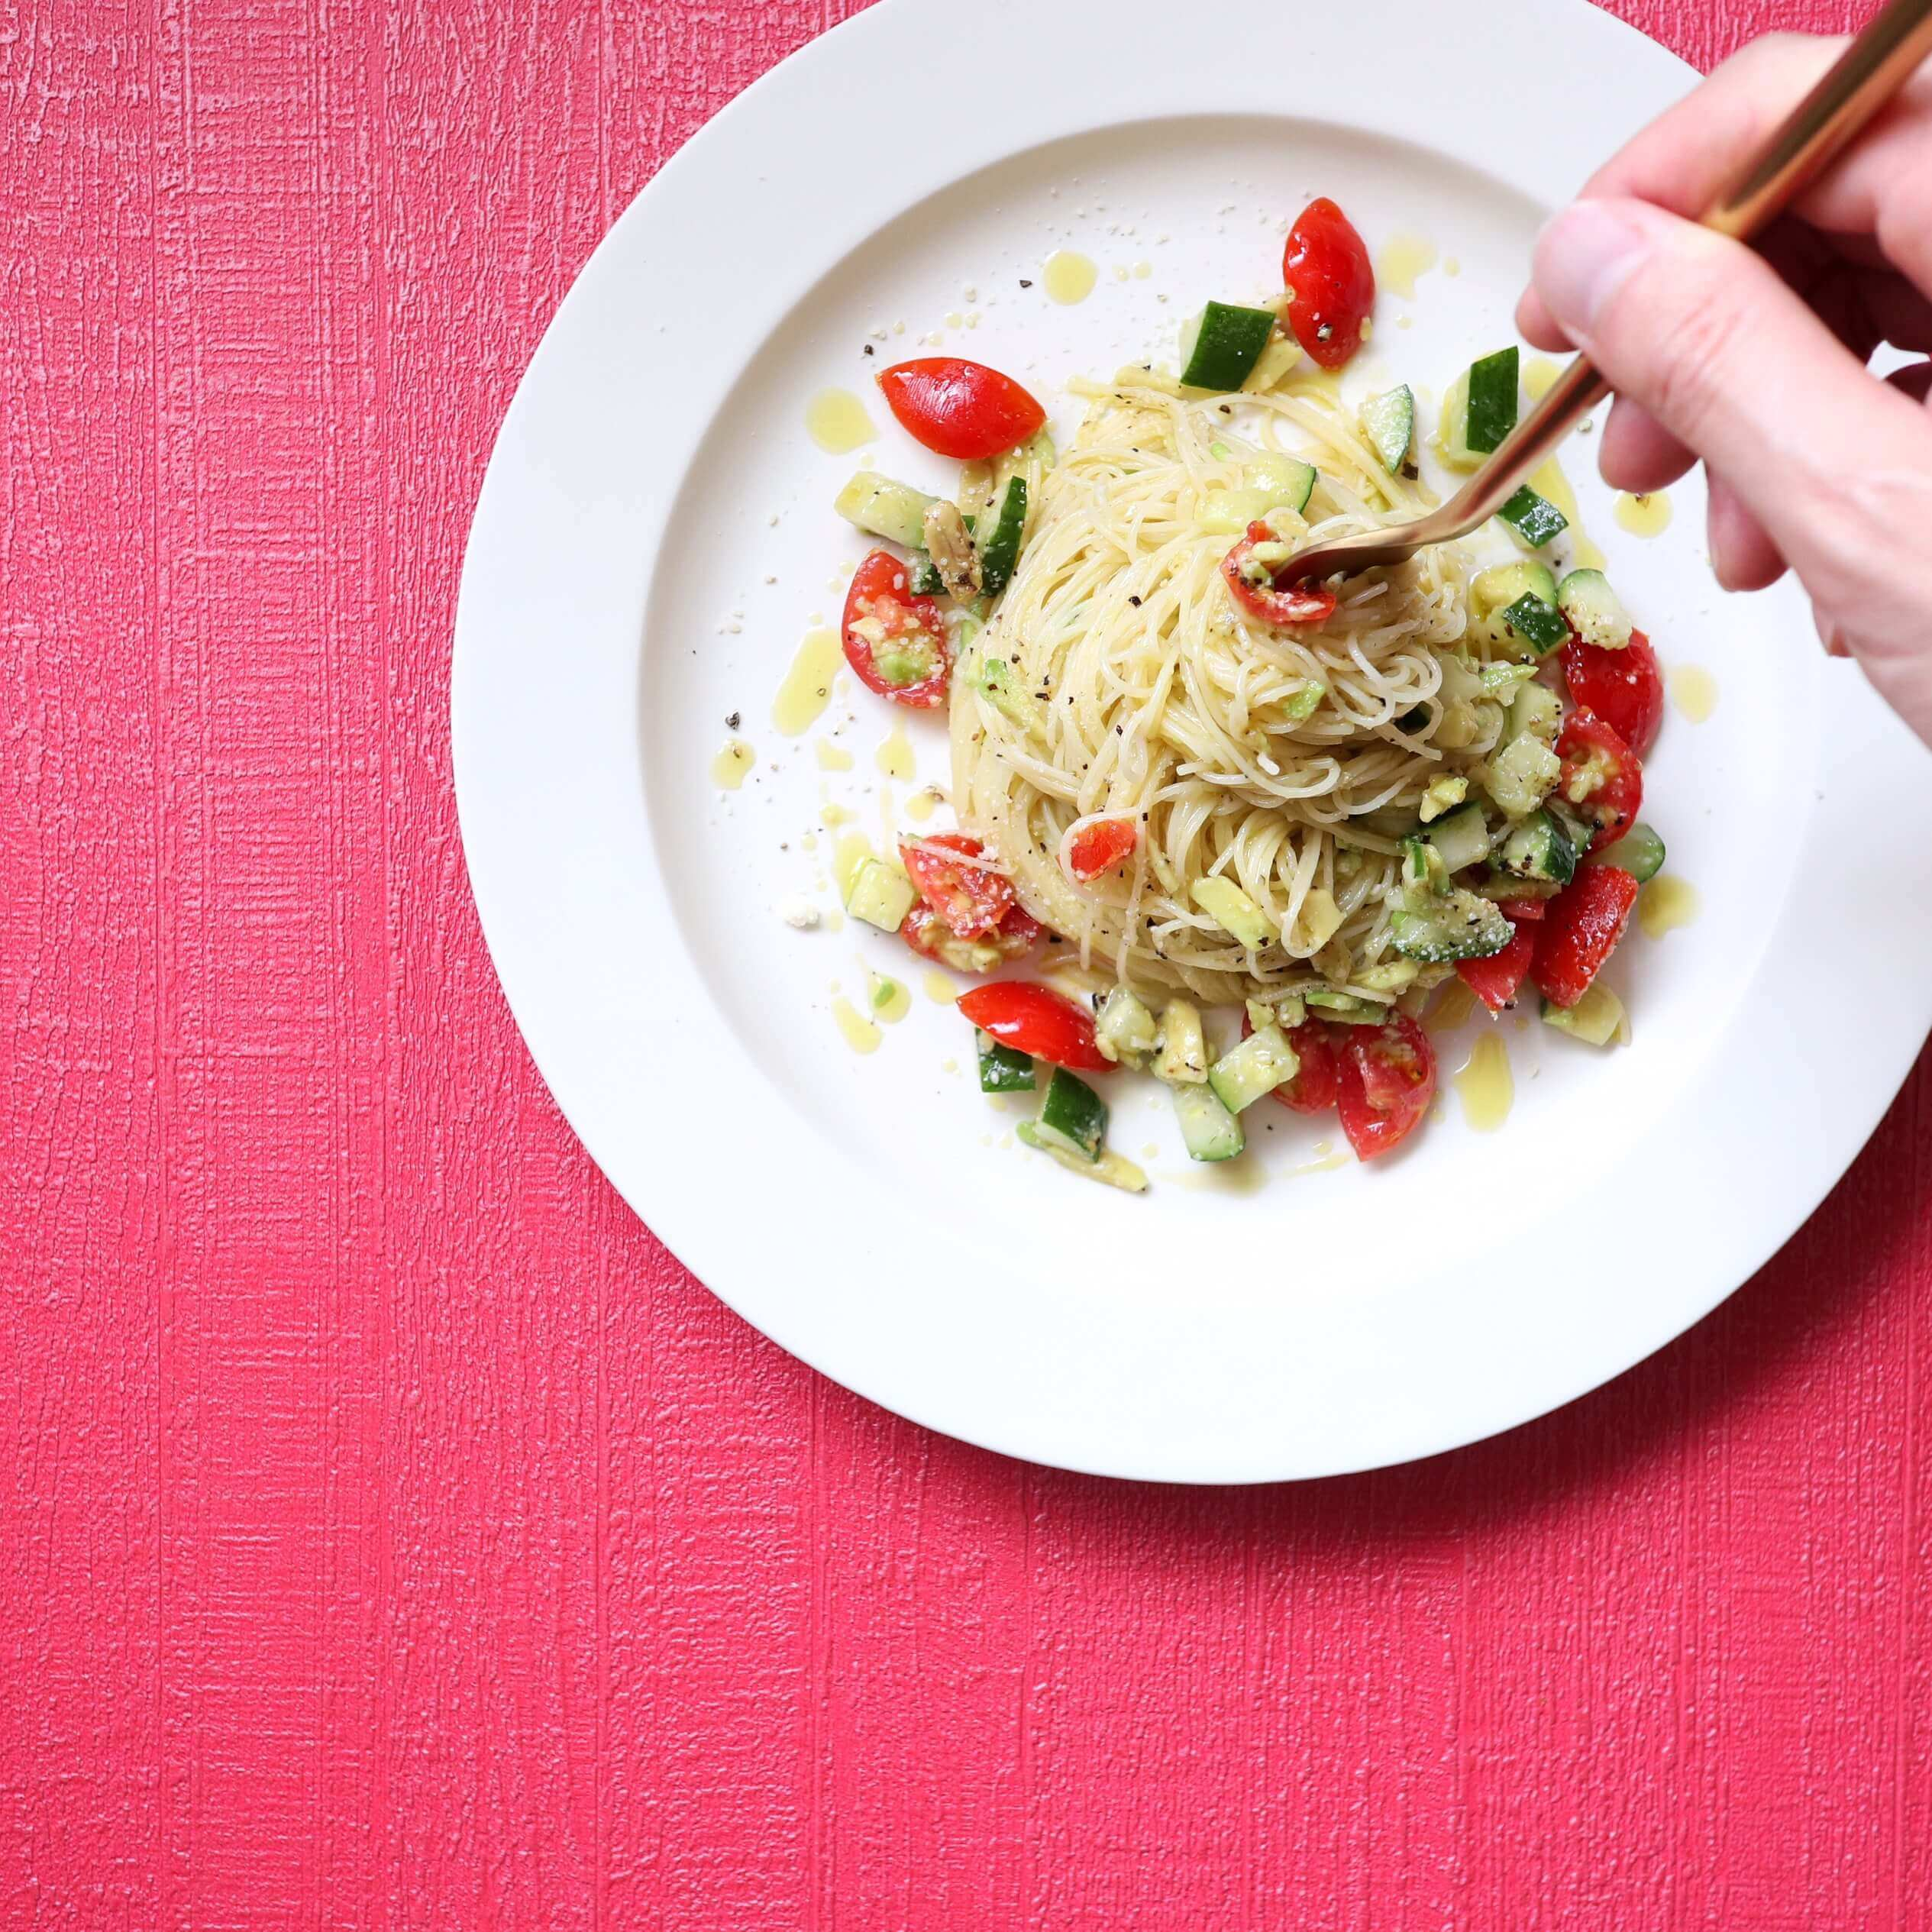 【さっぱり美味しい!】アボカドときゅうりの冷製パスタのレシピ